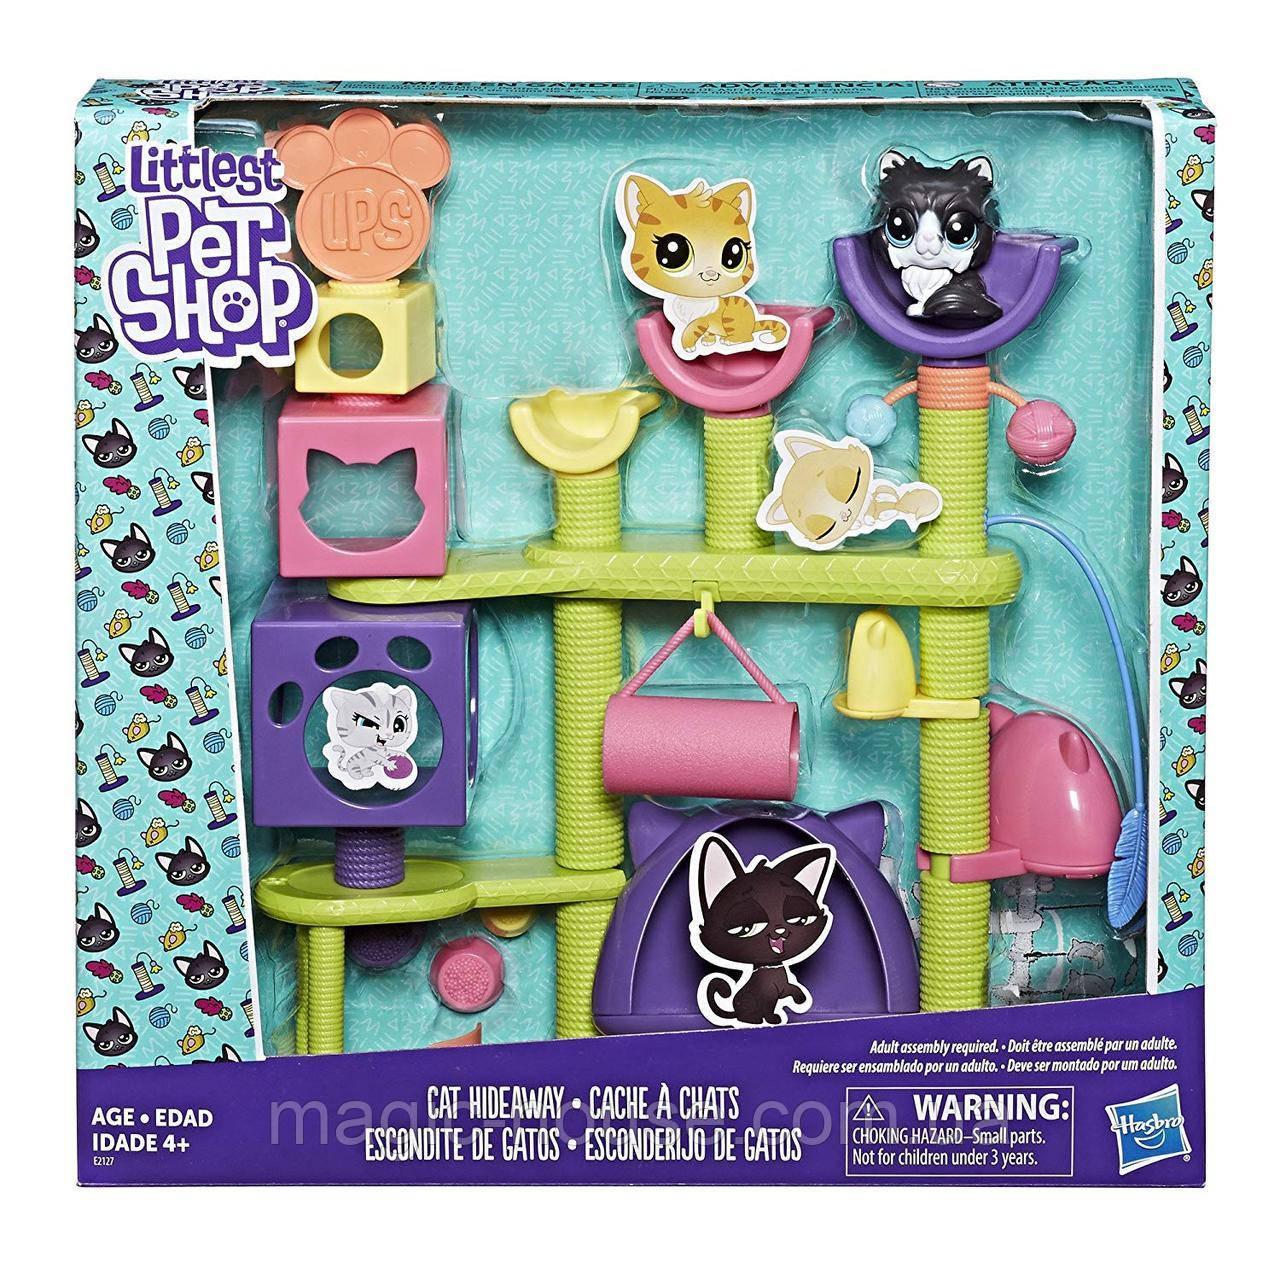 Игровой набор Лител Пет Шоп Домик для Кошки Littlest Pet Shop Cat Hideaway